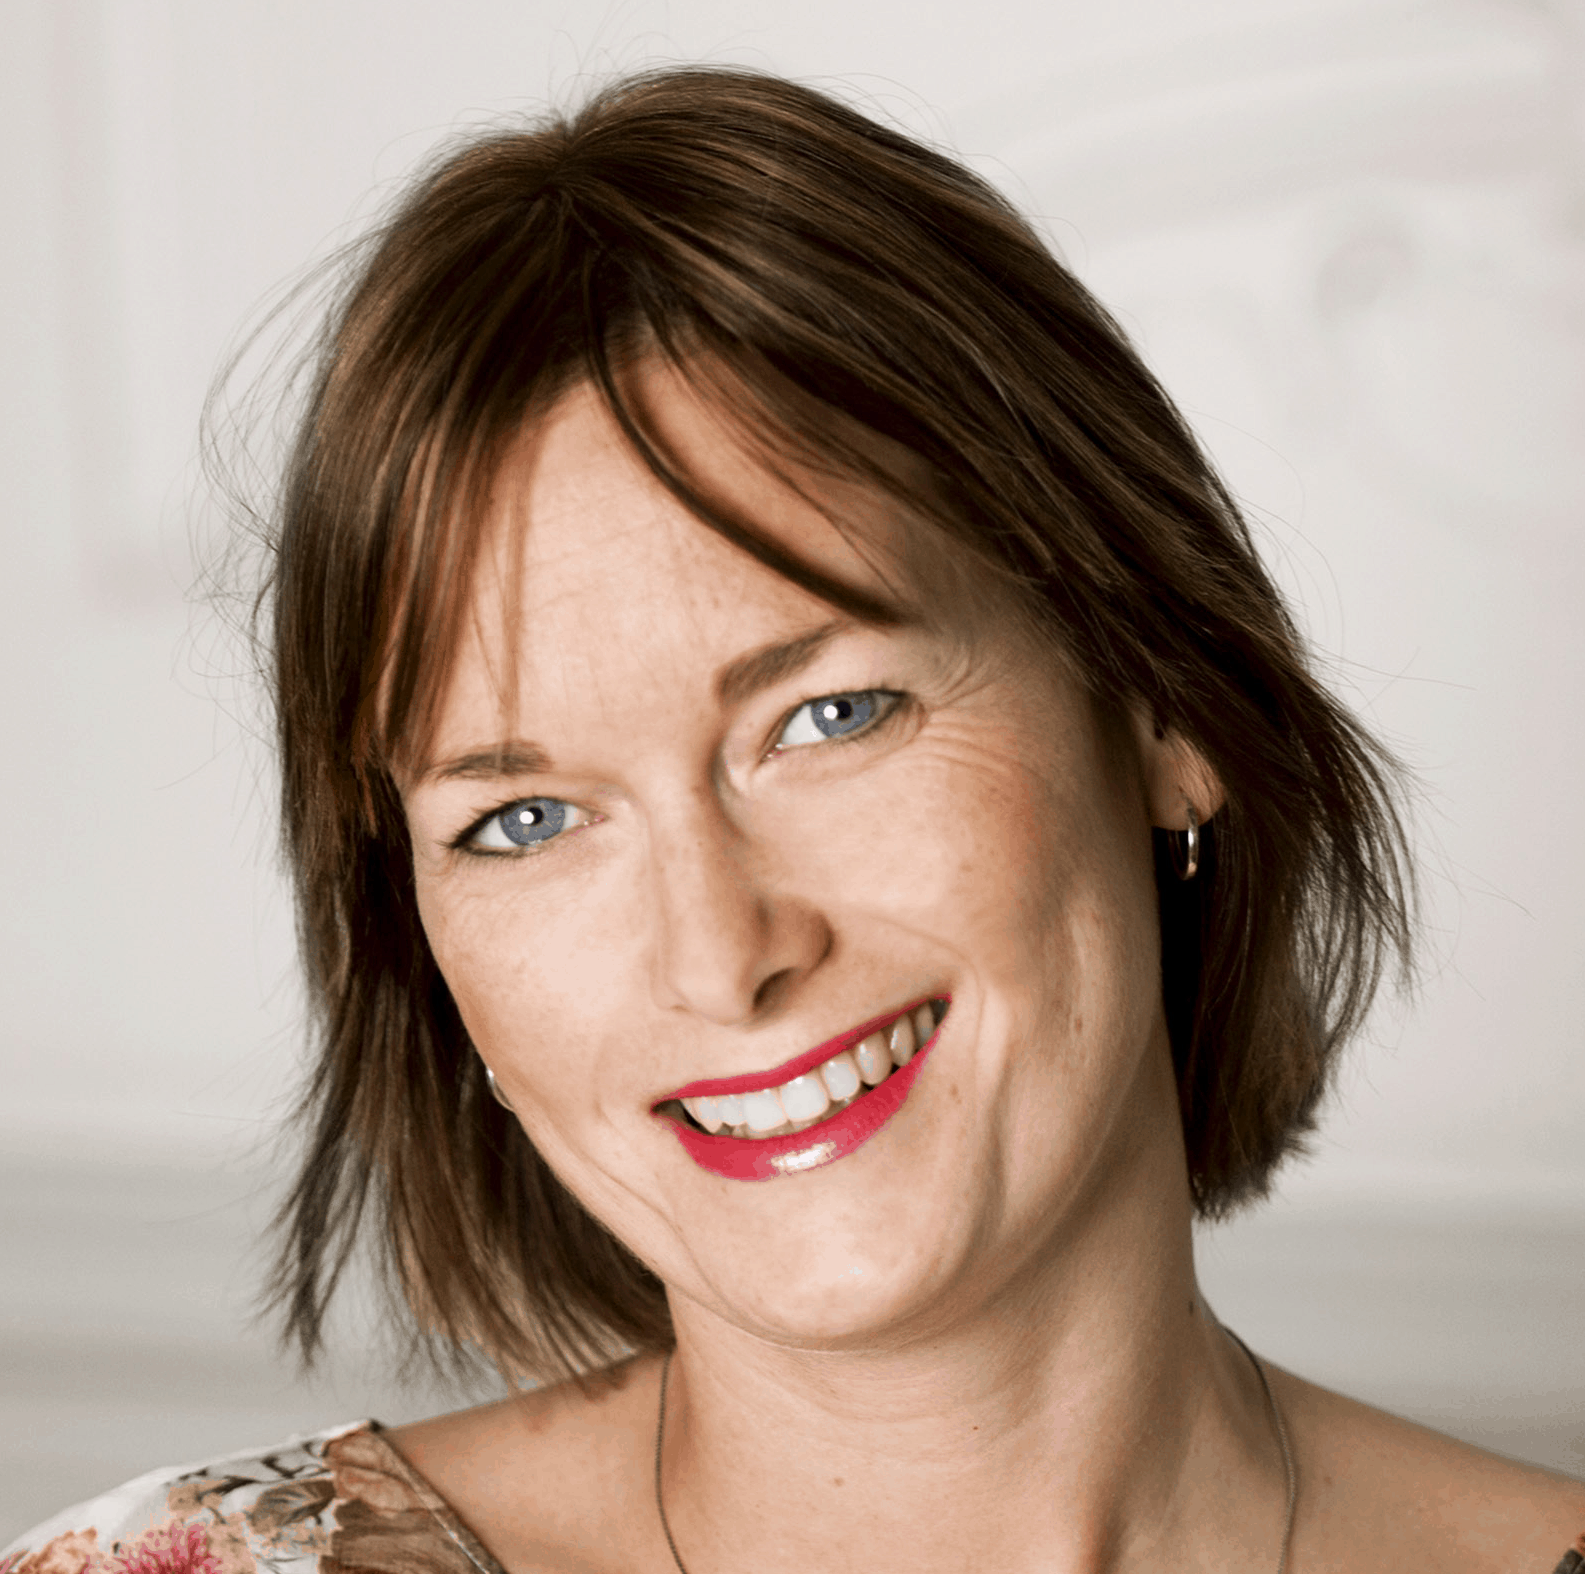 Bianca Valkenburg